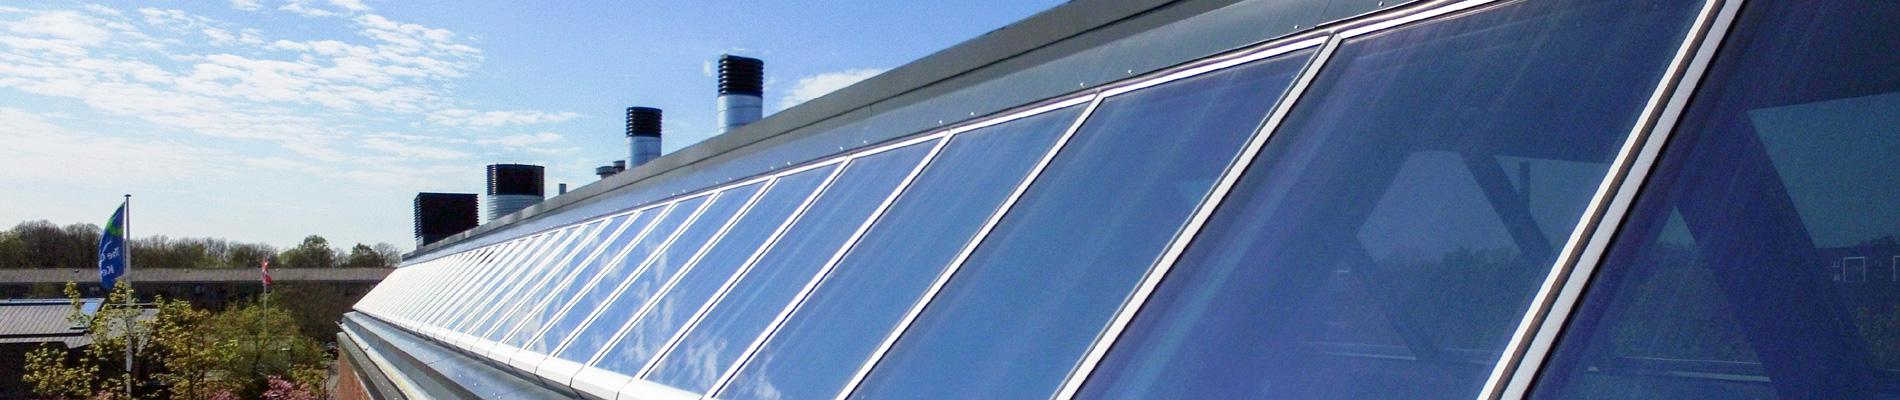 Tageslichtsystem: Modular erweiterbares Lichtband